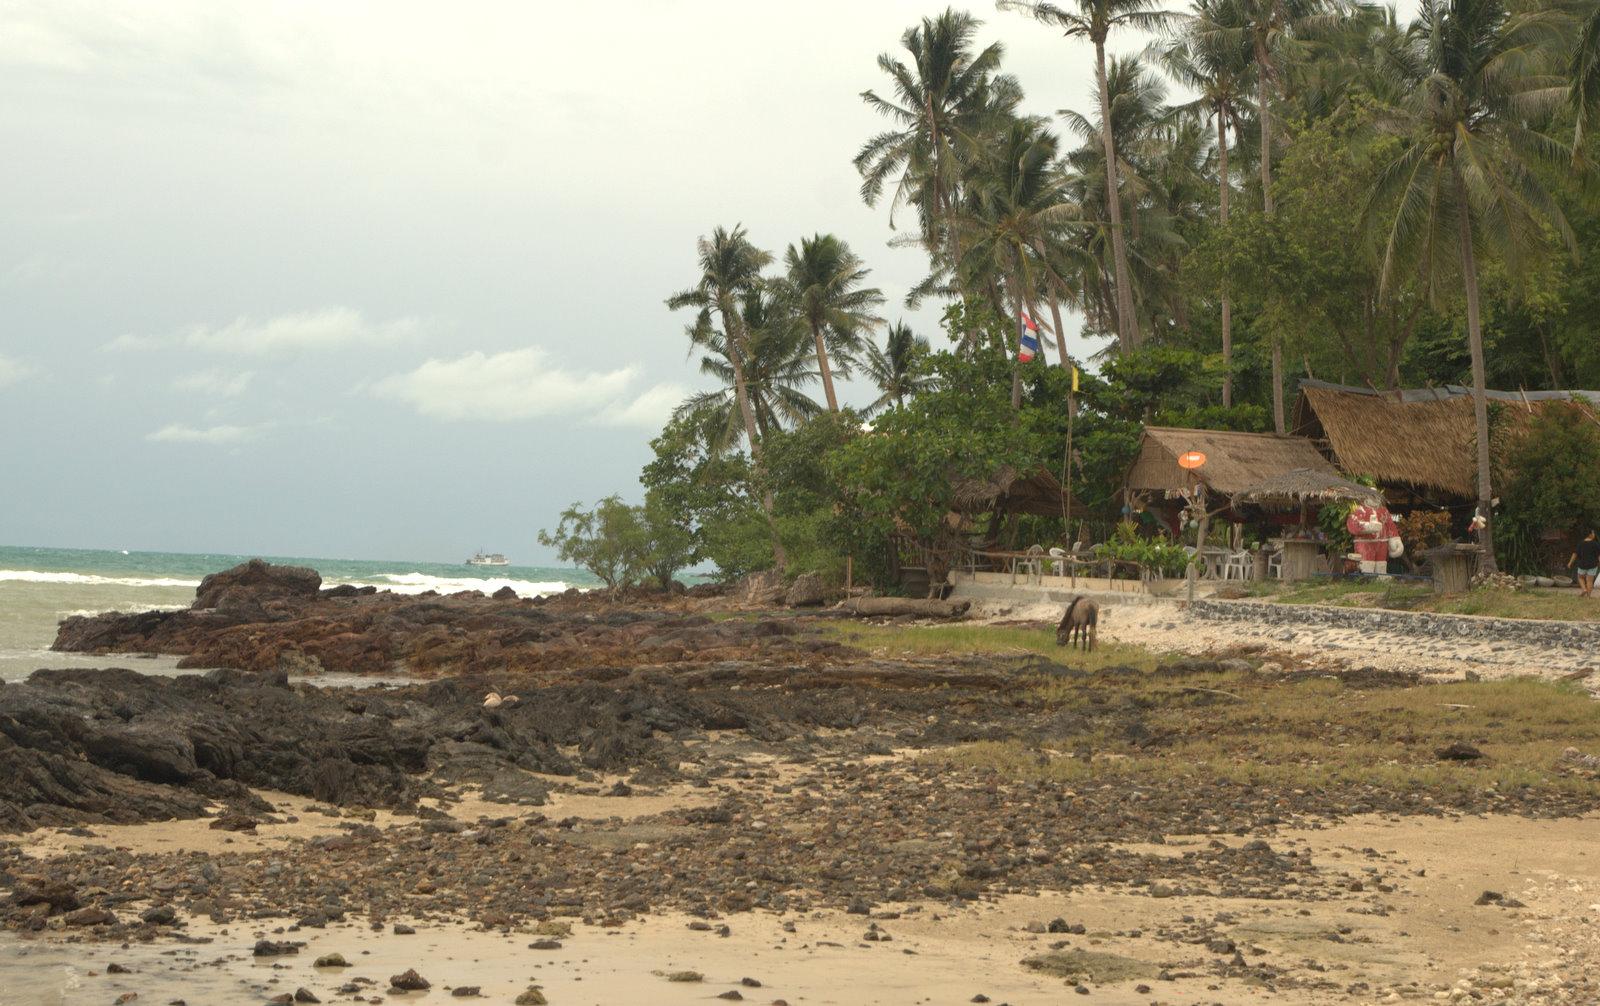 Trzy rajskie wyspy, pierwszy snorkeling i... 70